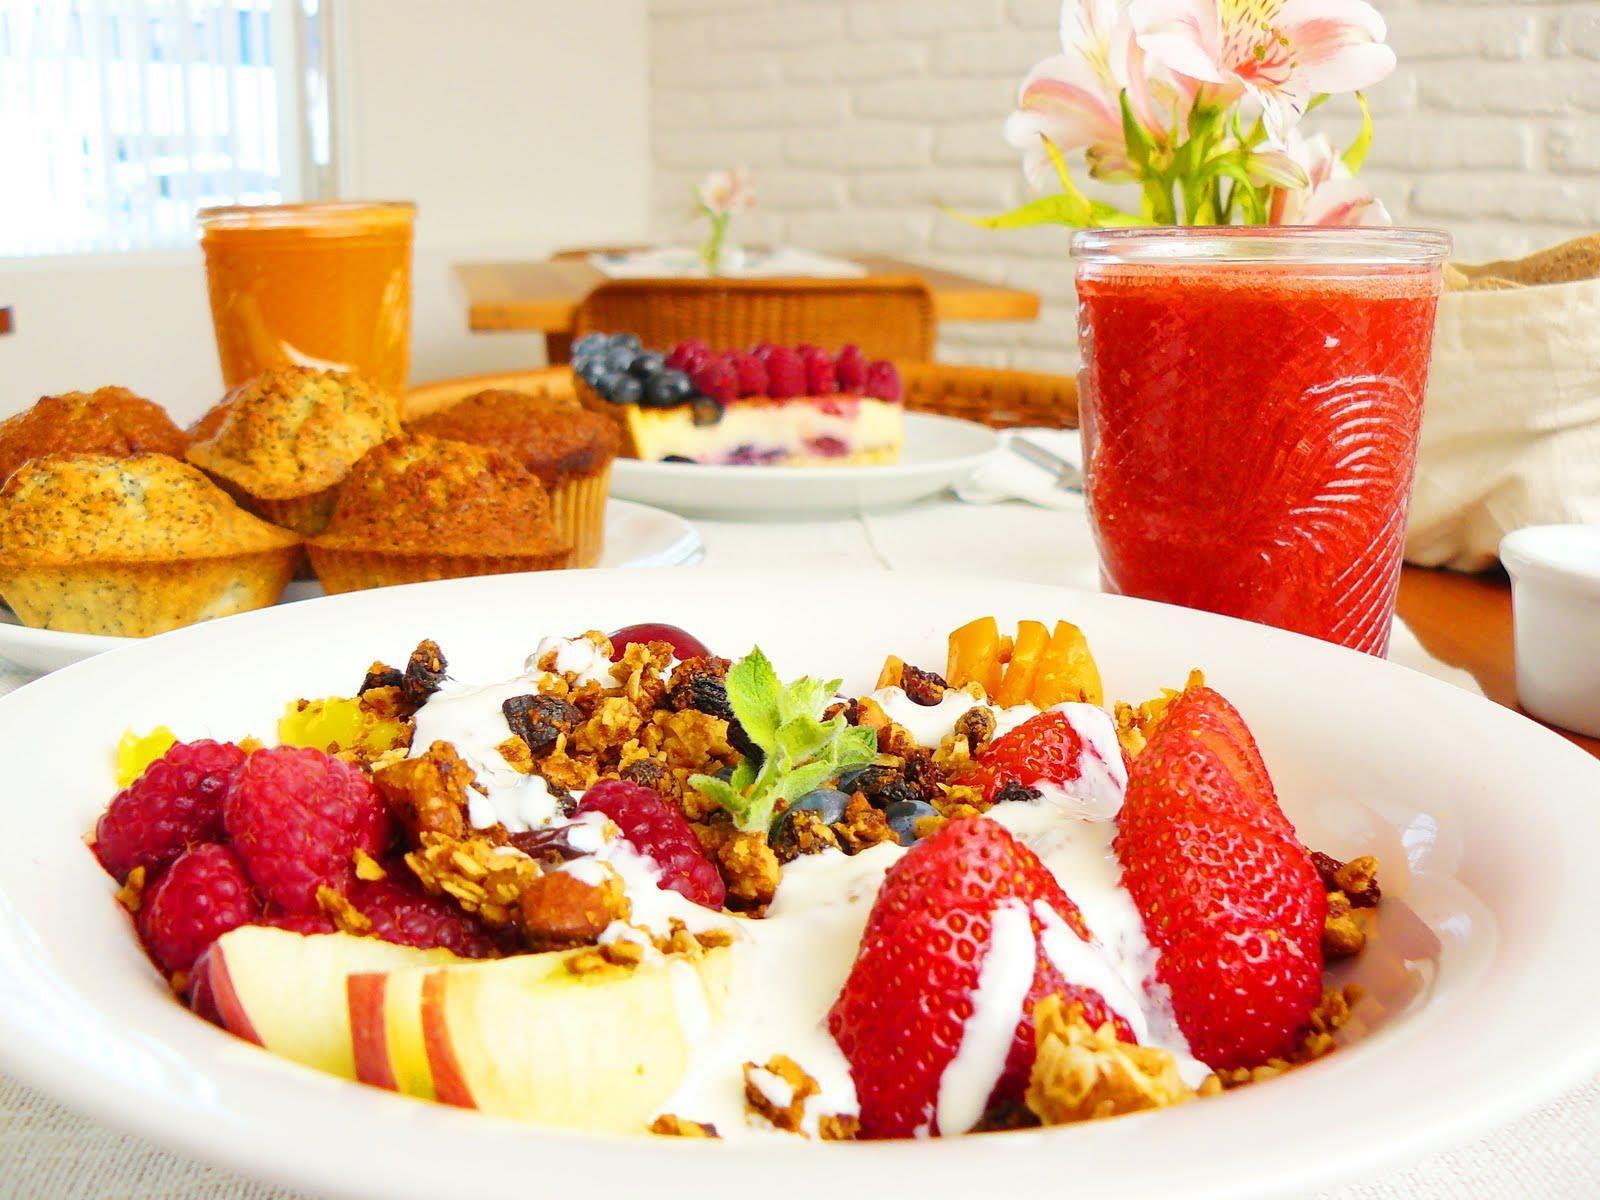 Beneficios que nos ofrece desayunar diariamente.    Mejora el estado nutricional. Es decir, ayuda a mejorar el balance de energía y nutrientes (calcio, hierro, magnesio, vitaminas del grupo B…) que el cuerpo necesita durante el día, en particular de tus hijos, ya que están en pleno crecimiento y desarrollo.